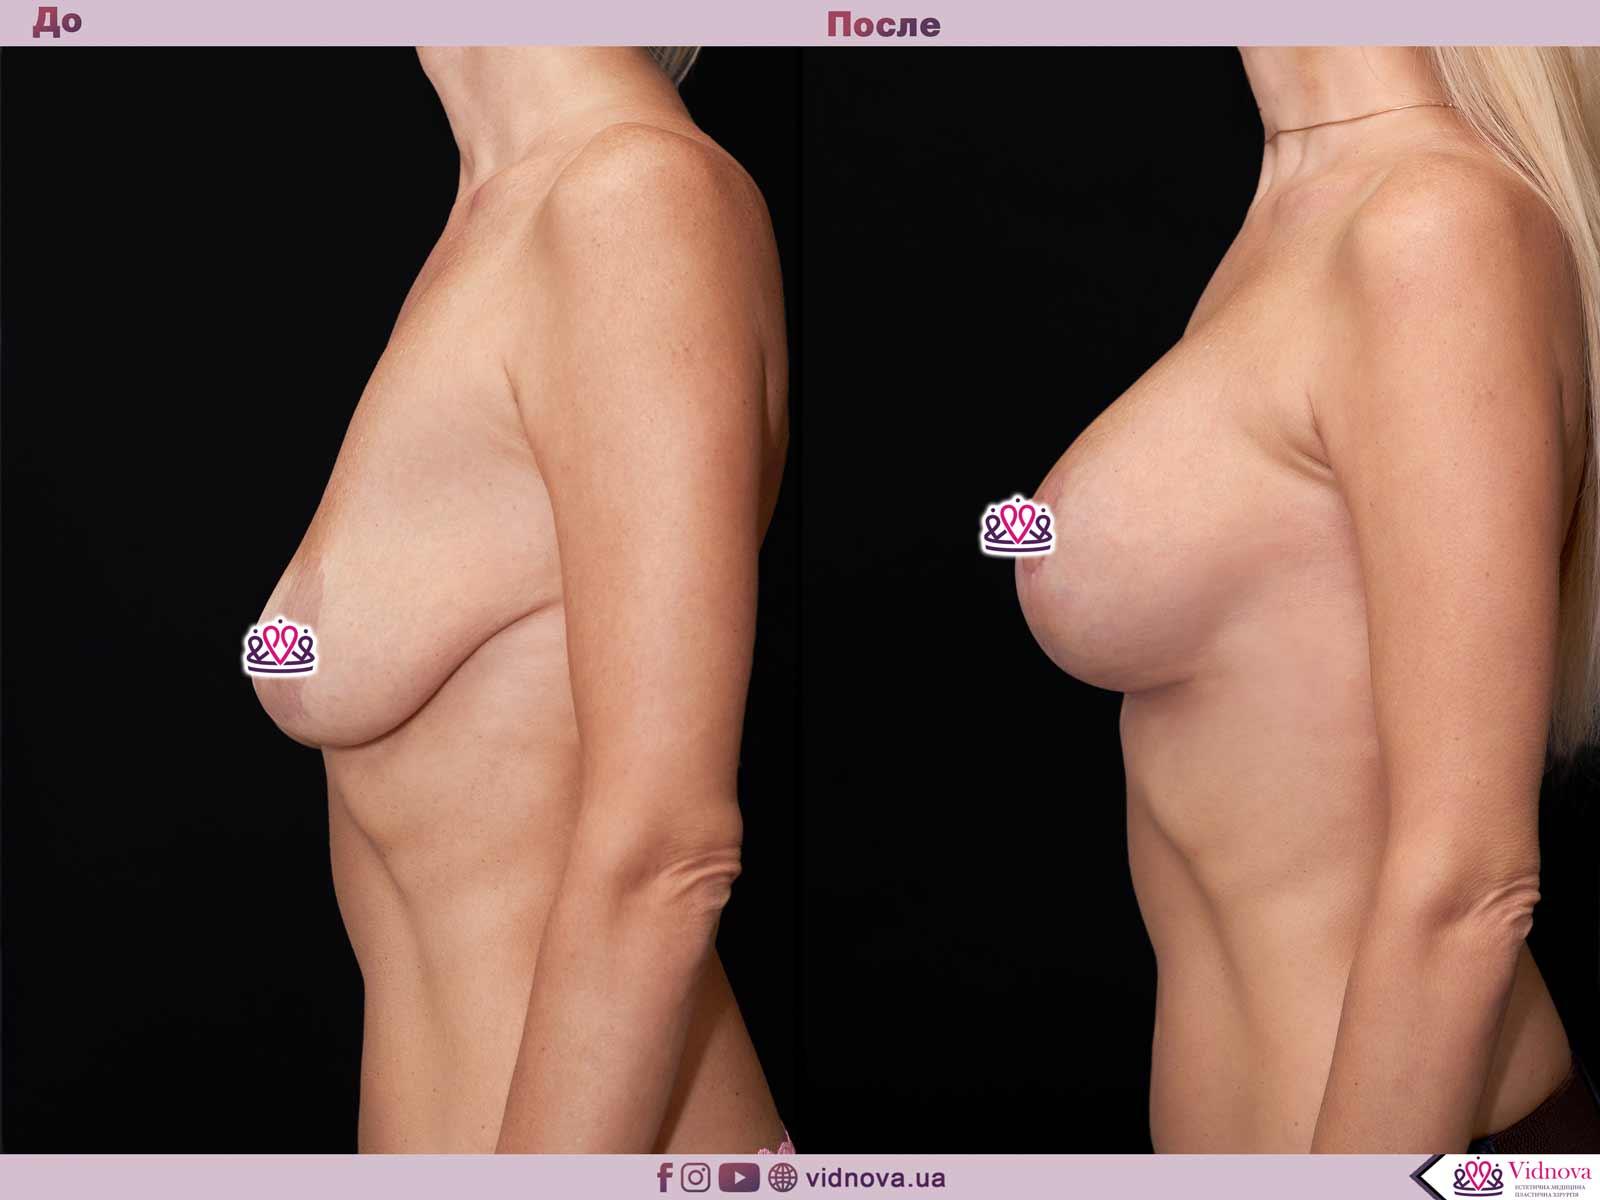 Пластика груди: результаты до и после - Пример №59-2 - Светлана Работенко